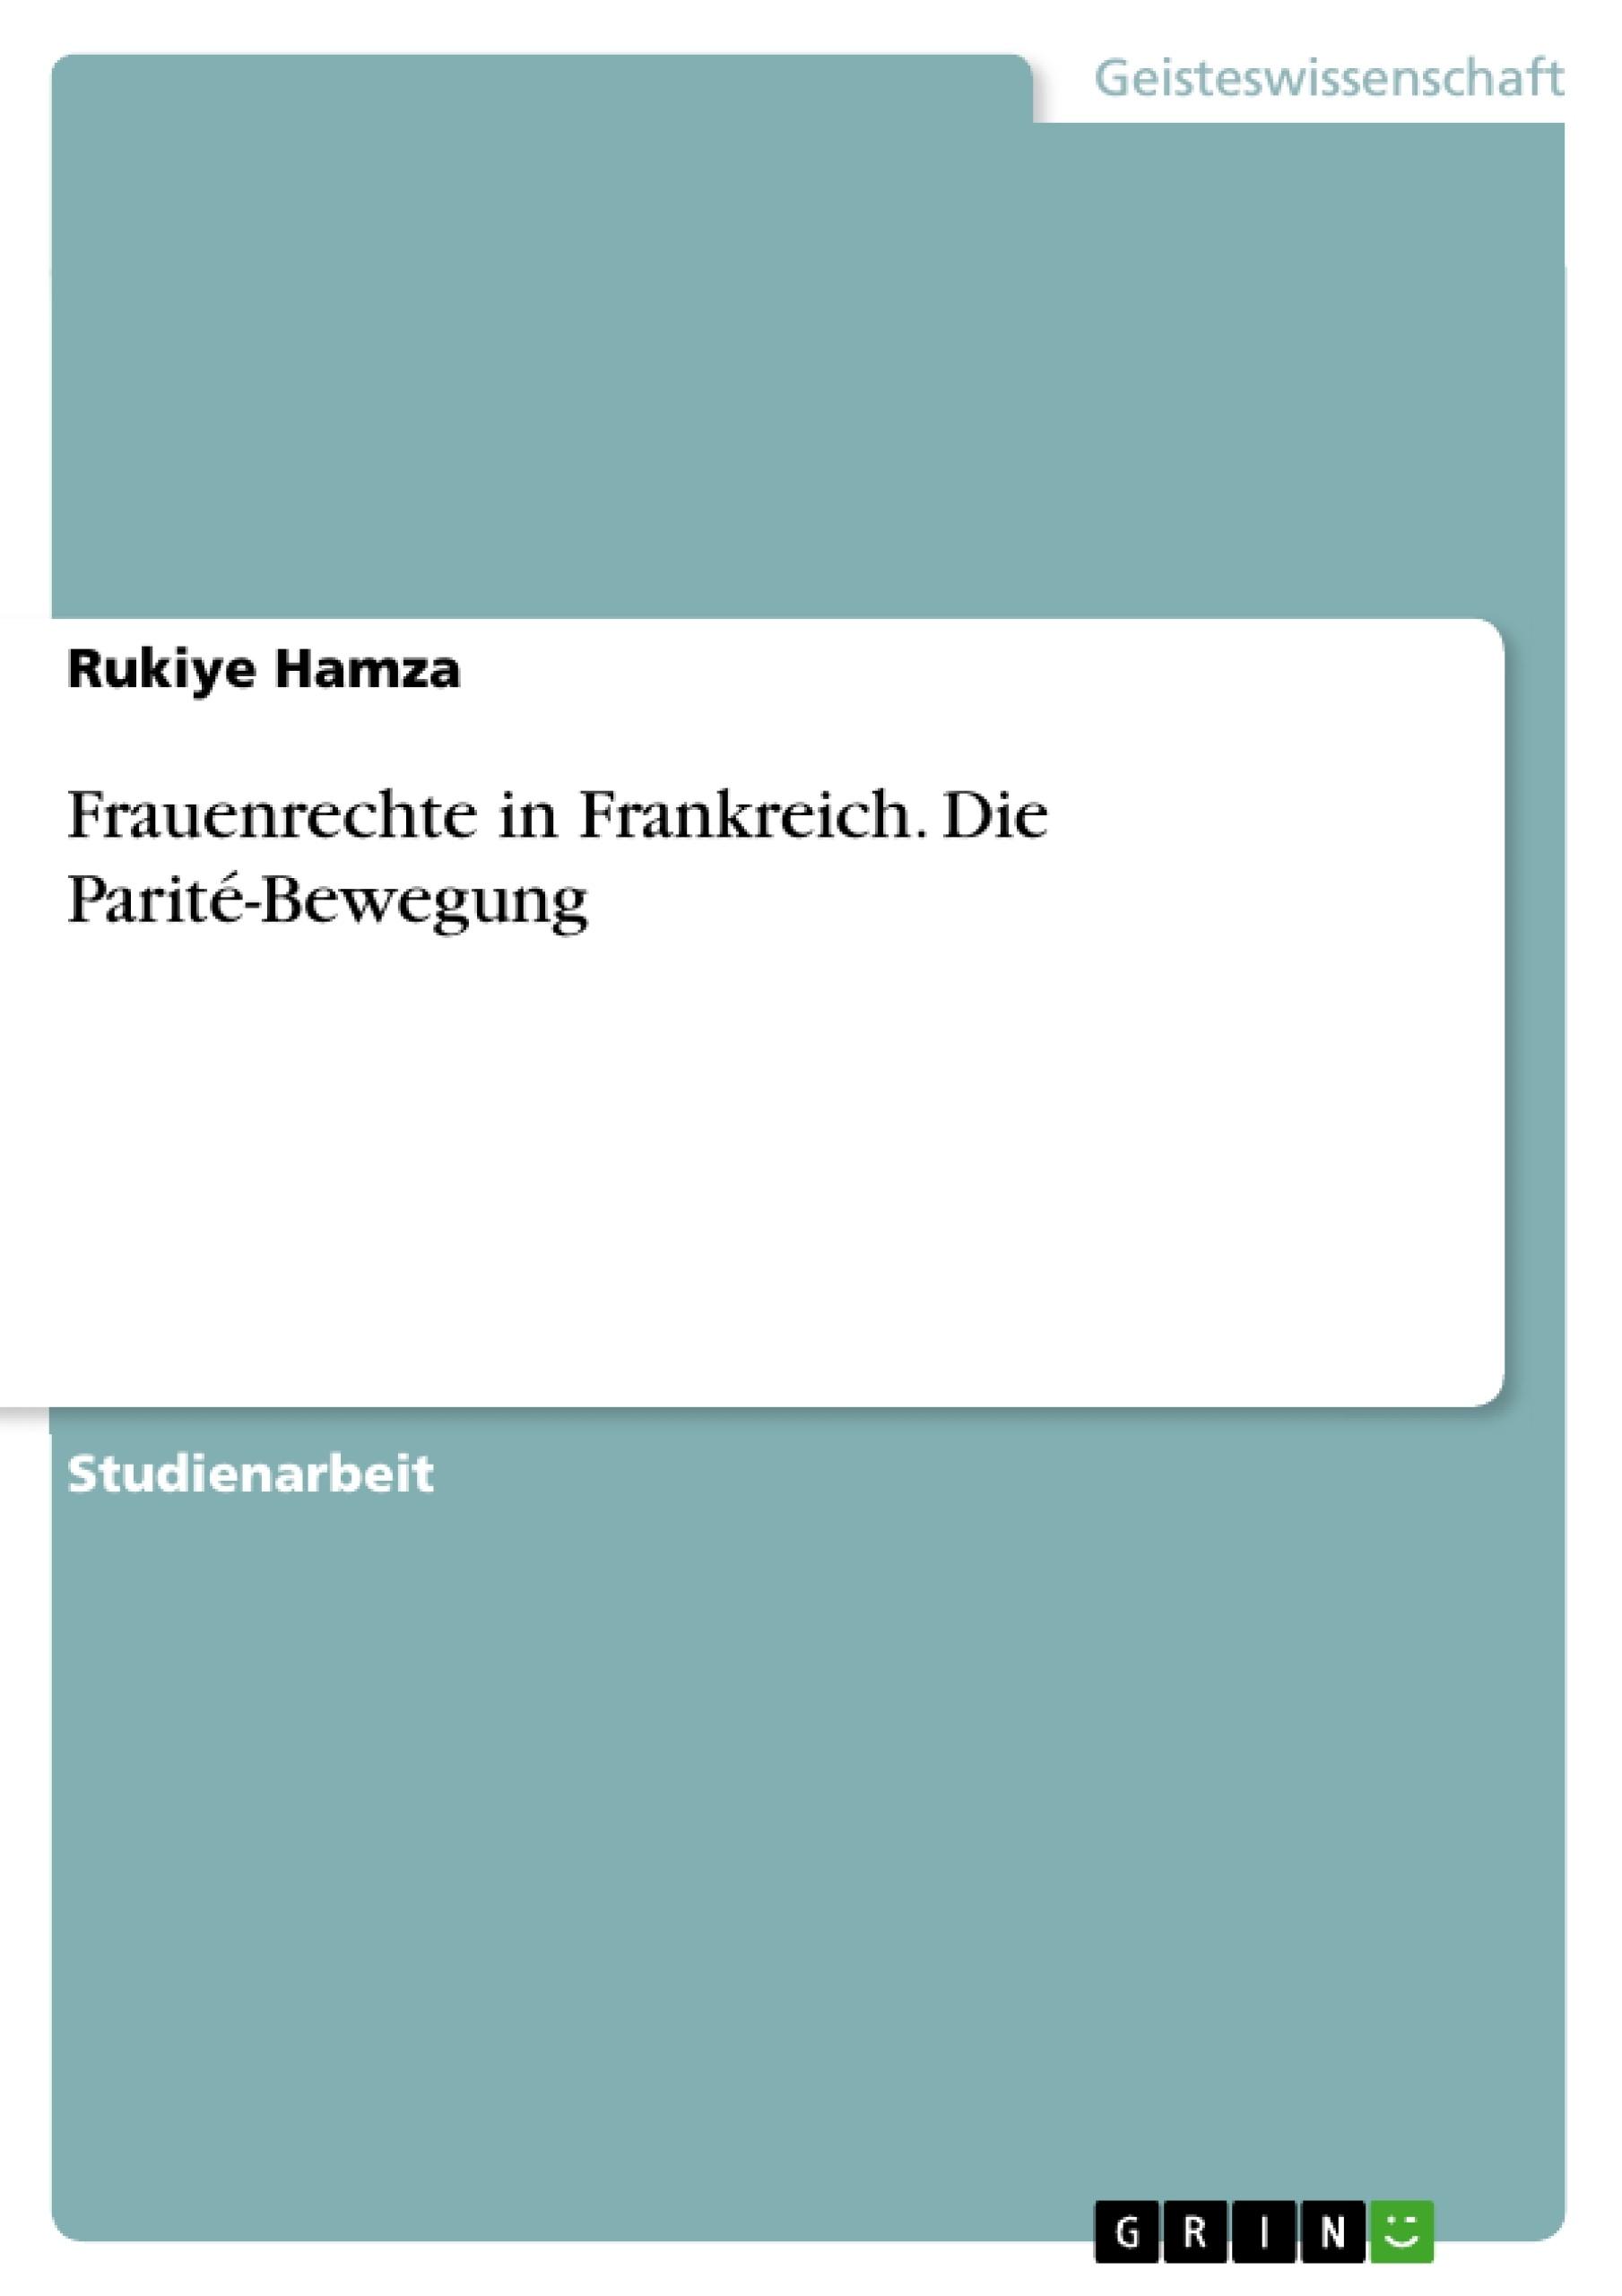 Titel: Frauenrechte in Frankreich. Die Parité-Bewegung